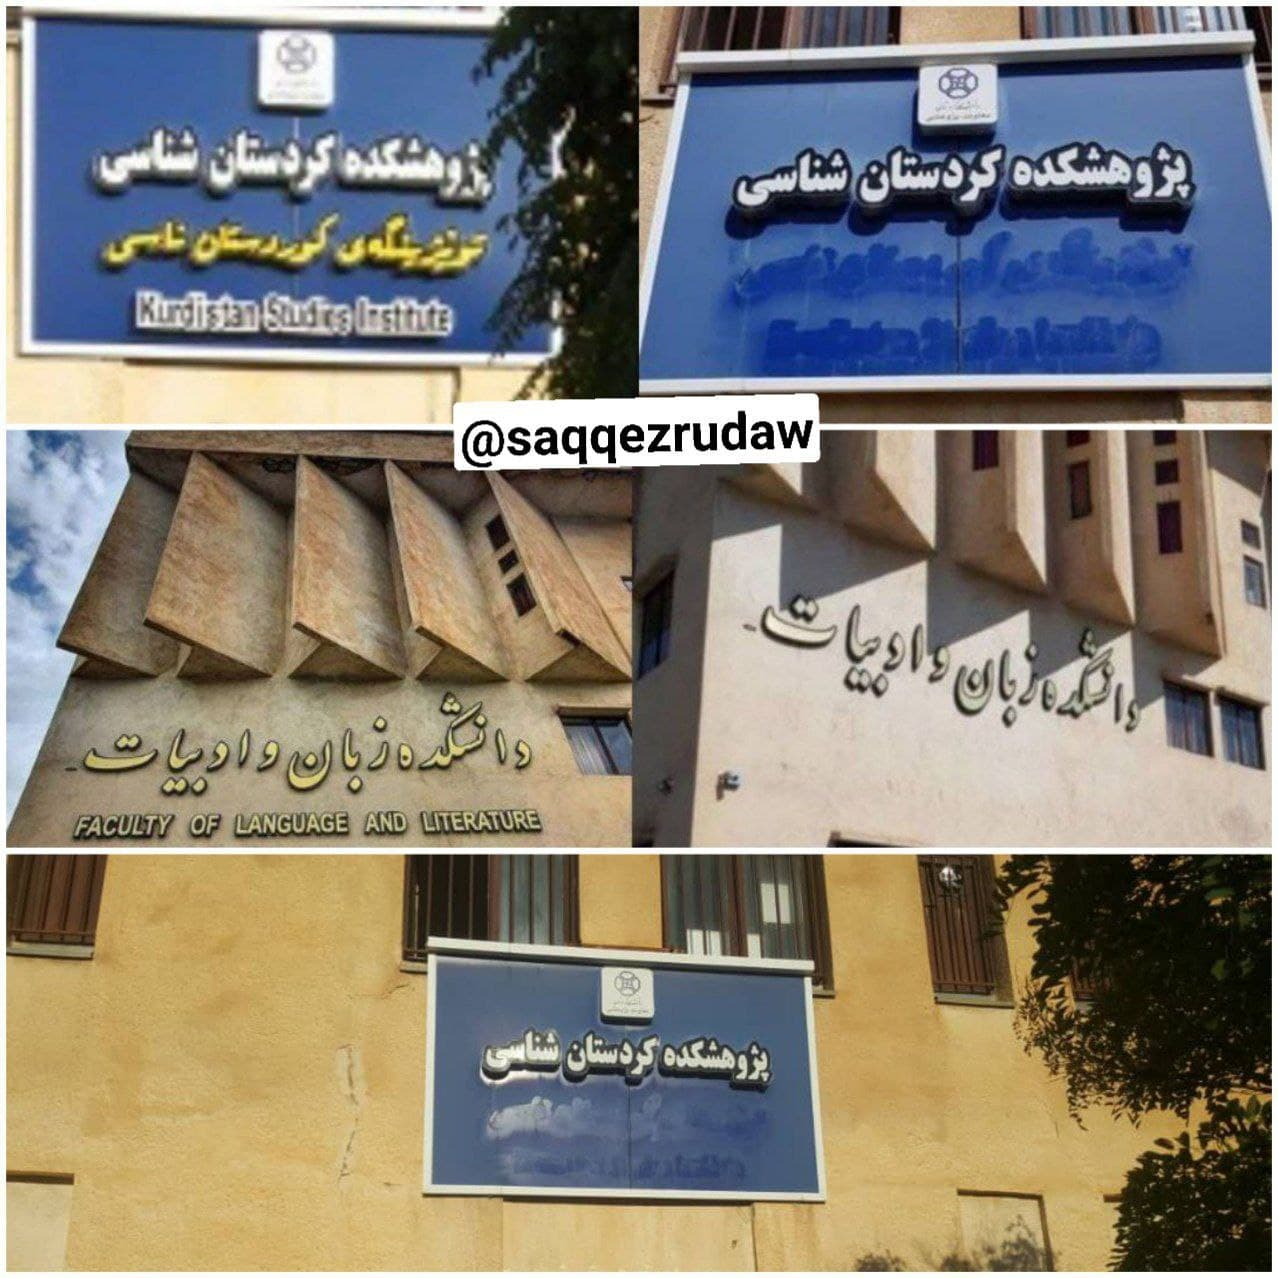 واکنش نهادها و فعالان مدنی به تخریب تابلوهای کوردی دانشگاه کوردستان